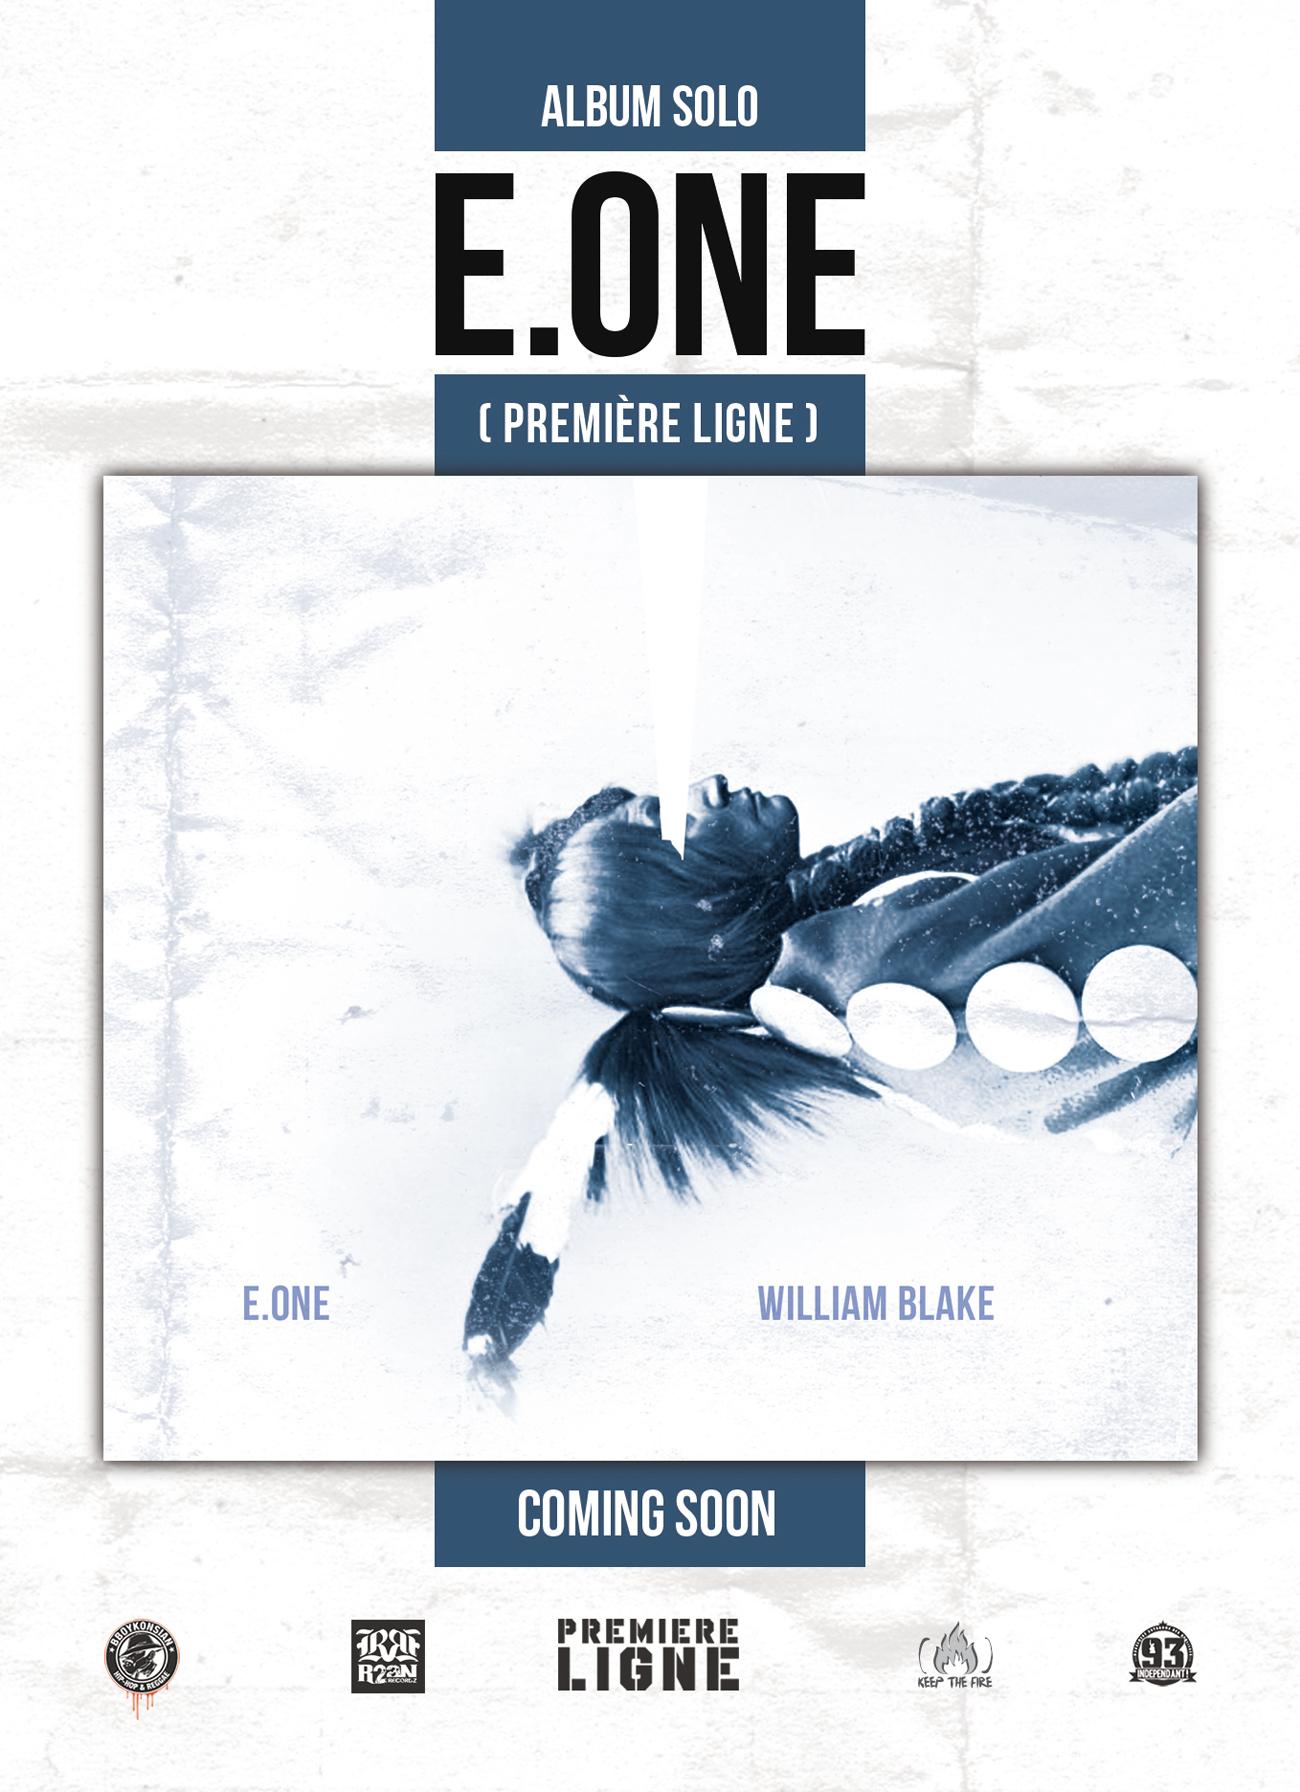 Sortie prochaine de l'album solo de E.One 'William Blake'